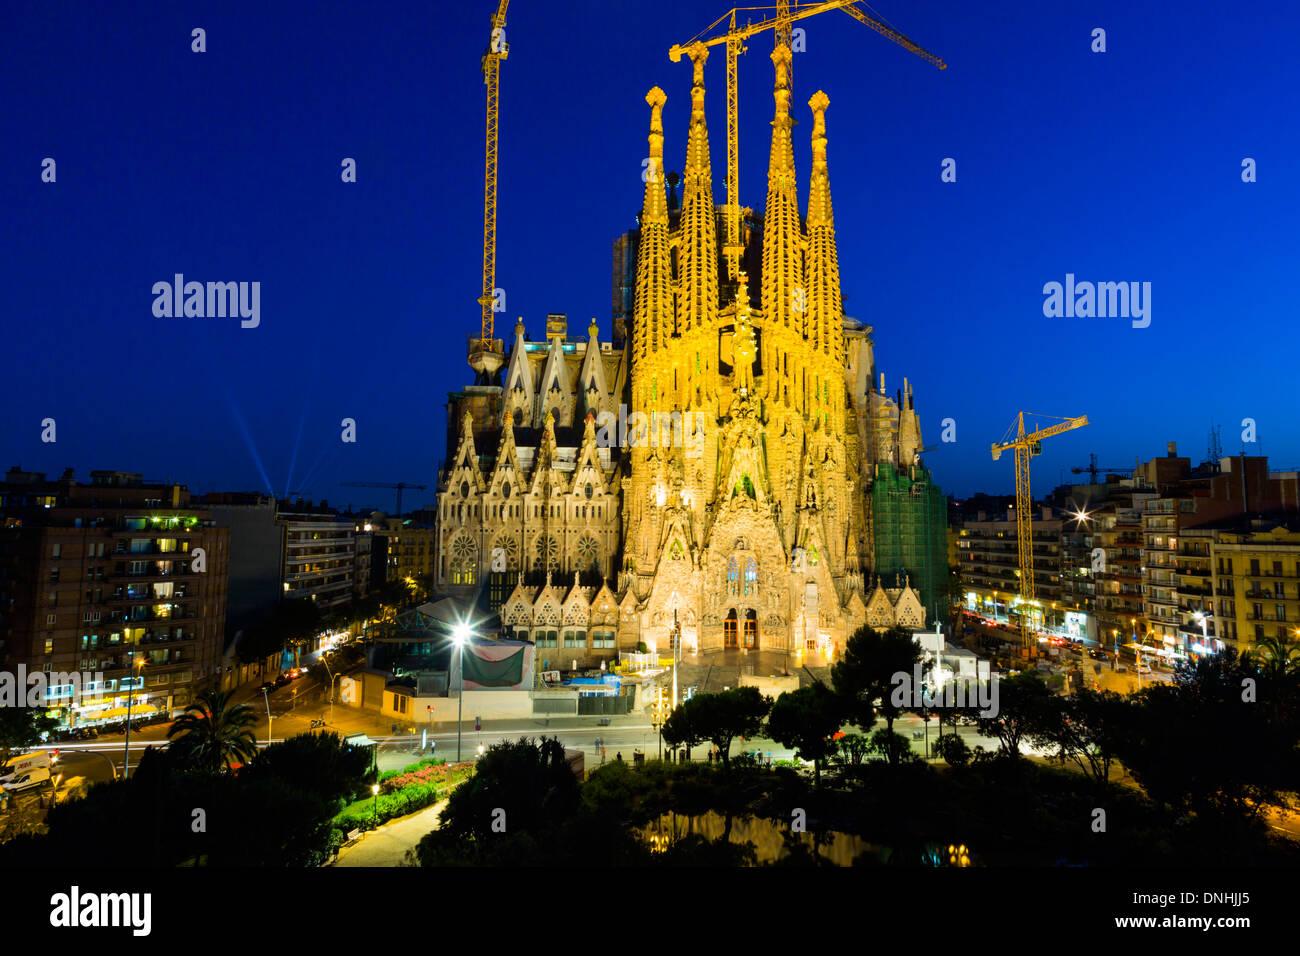 Iglesia en una ciudad, Sagrada Familia, Barcelona, Cataluña, España Foto de stock